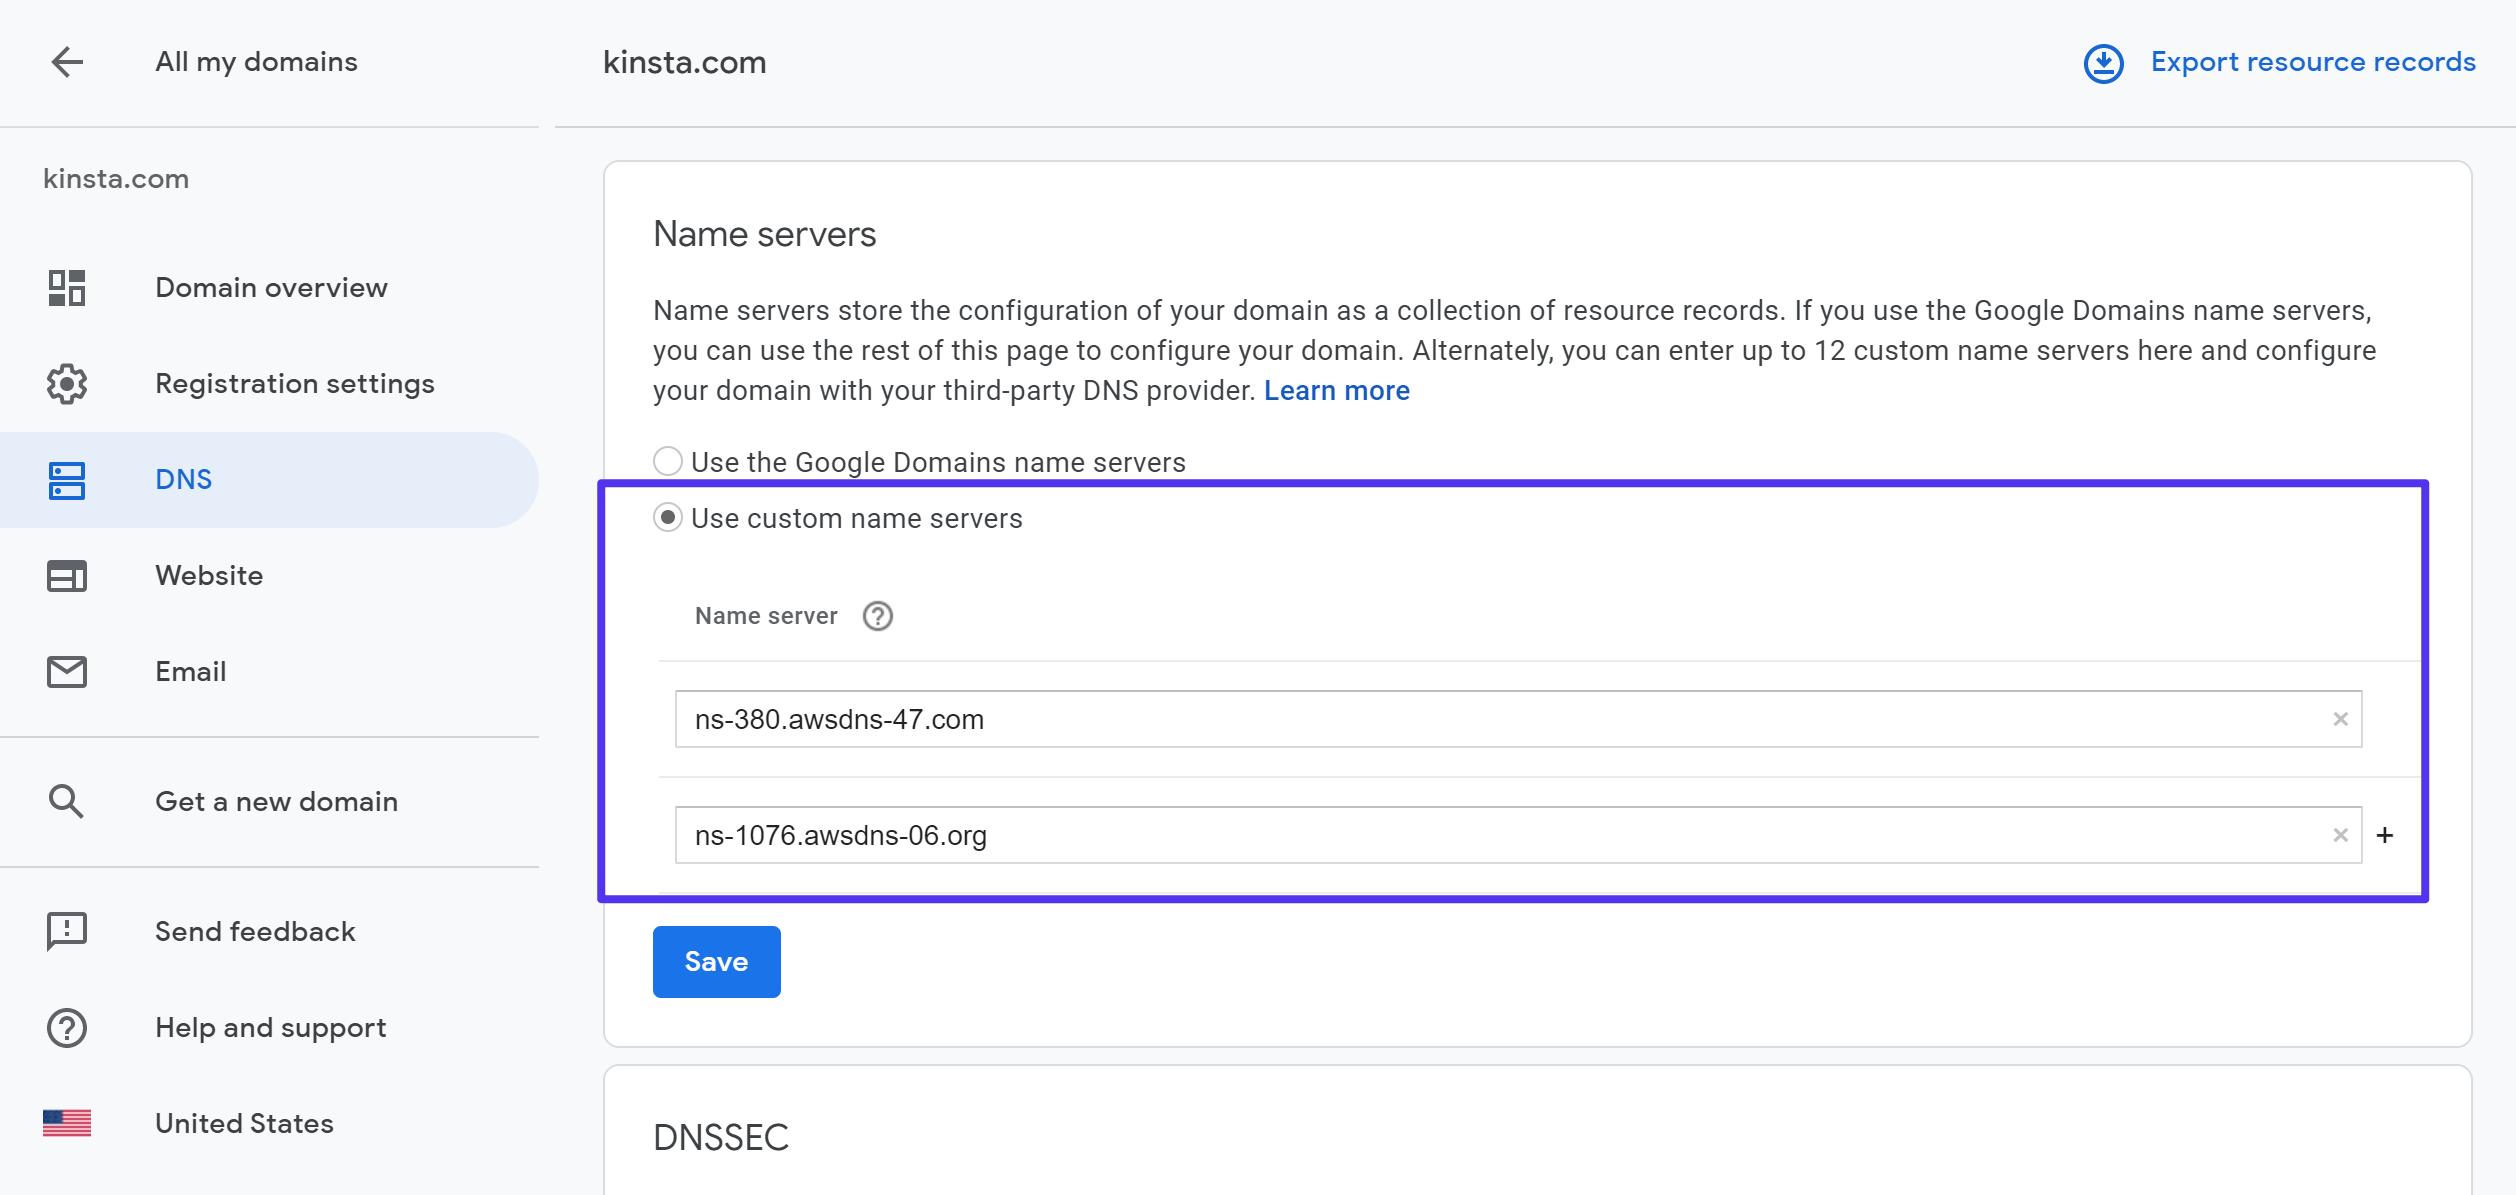 Cómo utilizar sus propios servidores de nombre en los dominios de Google